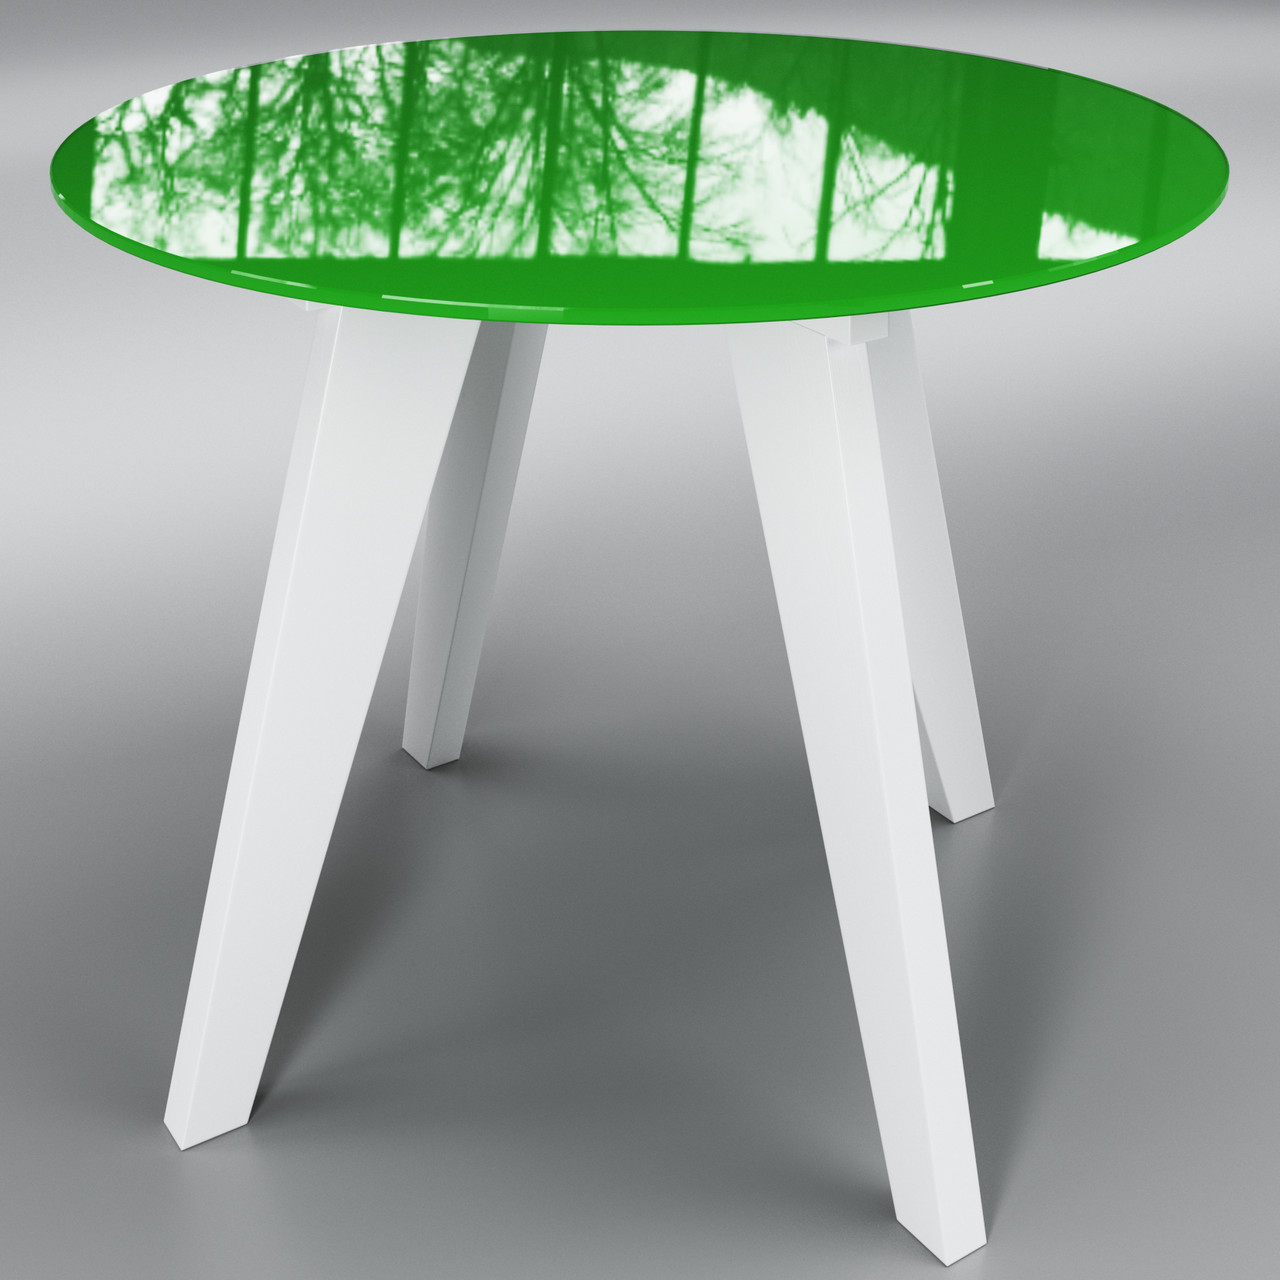 Стіл Леонардо коло зелено - білий ТМ Sentenzo